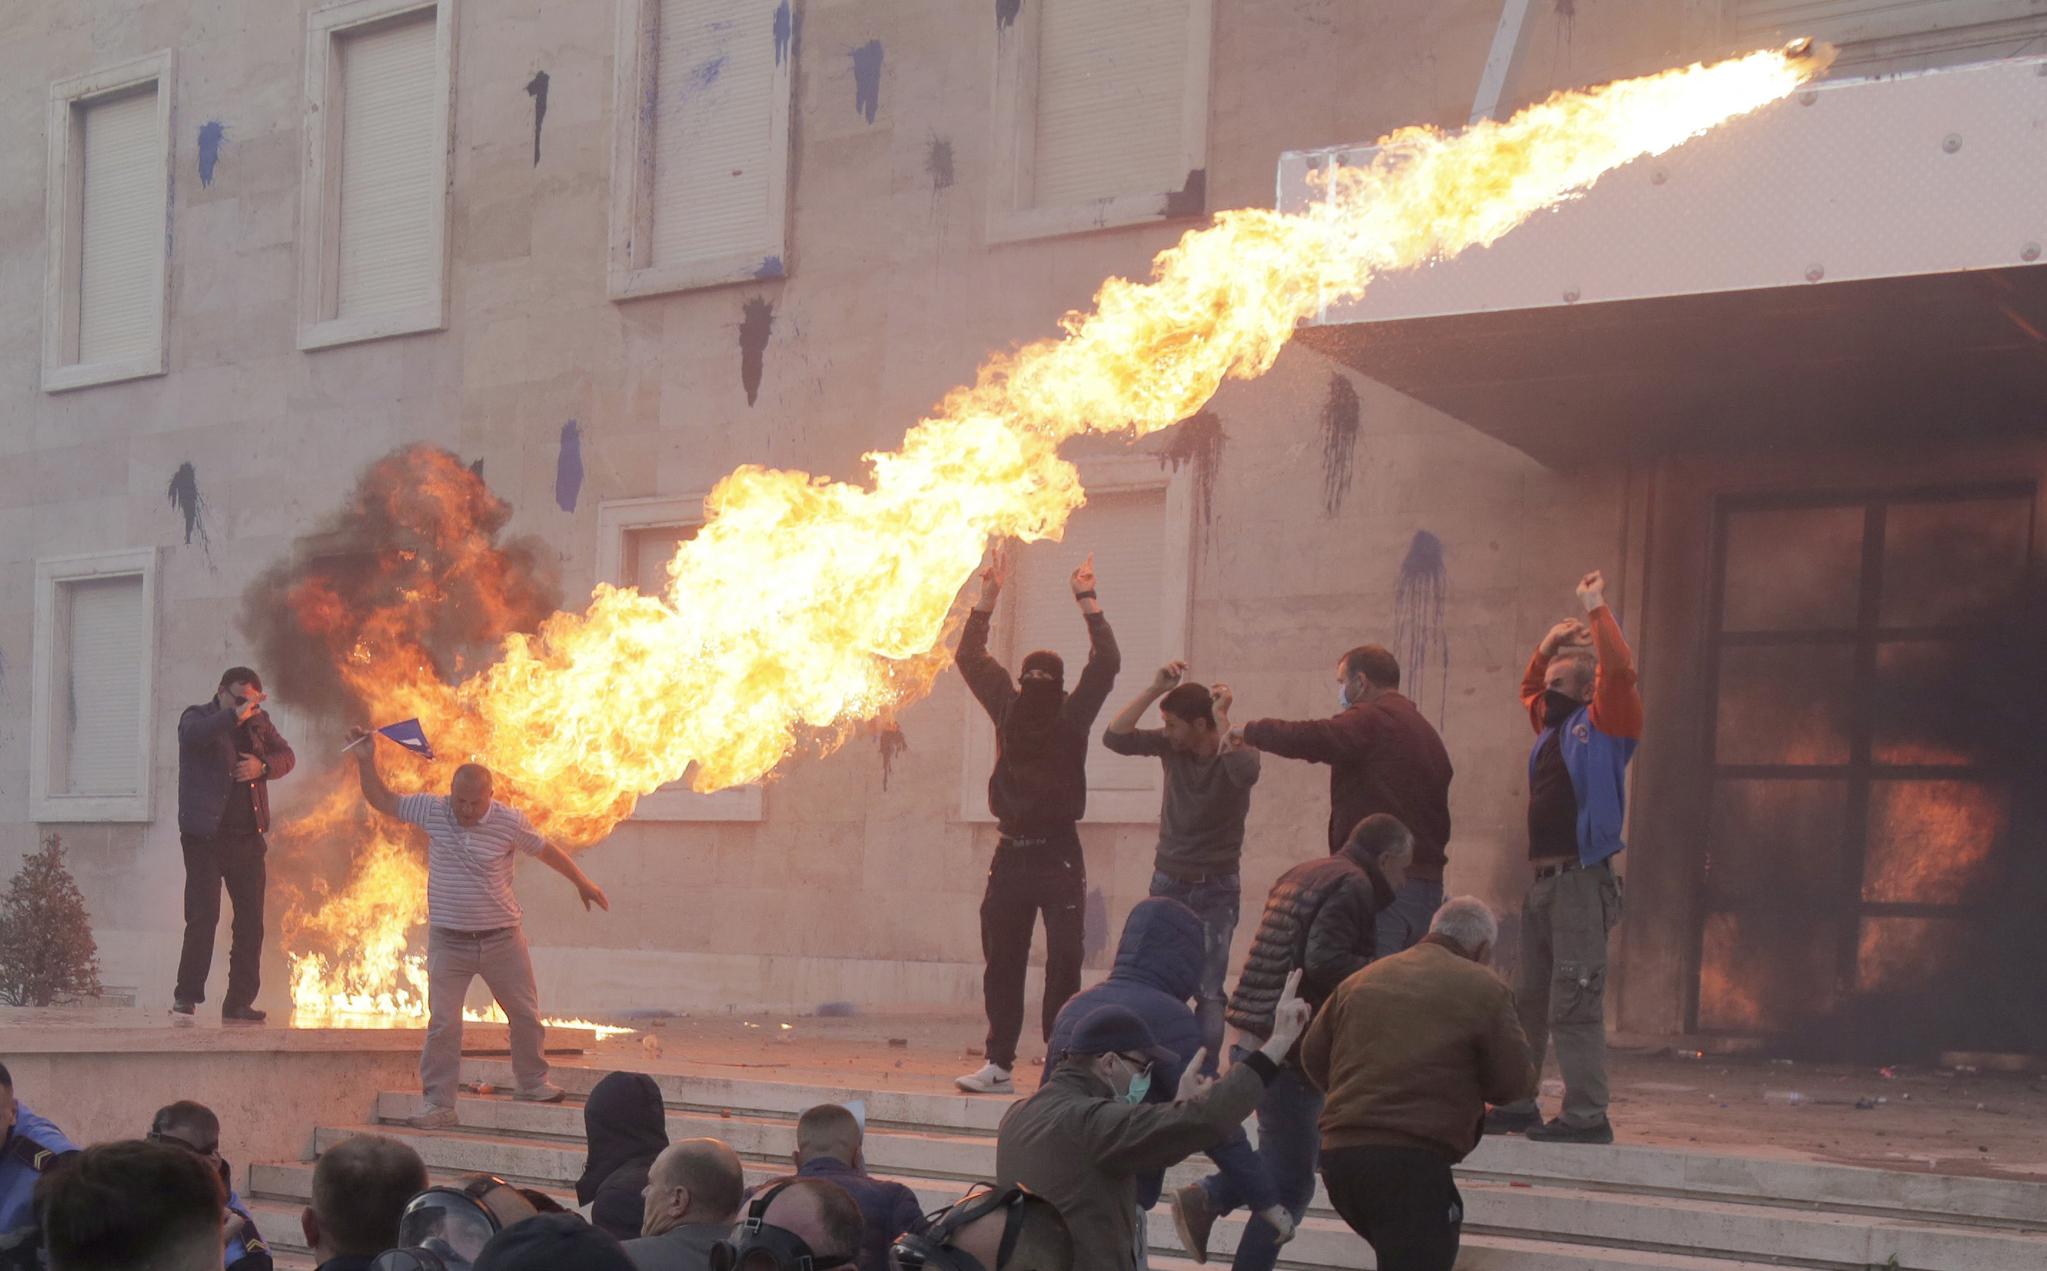 경찰 저지선을 돌파한 시위대가 청사를 향해 화염병을 던지고 있다. [AP=연합뉴스]